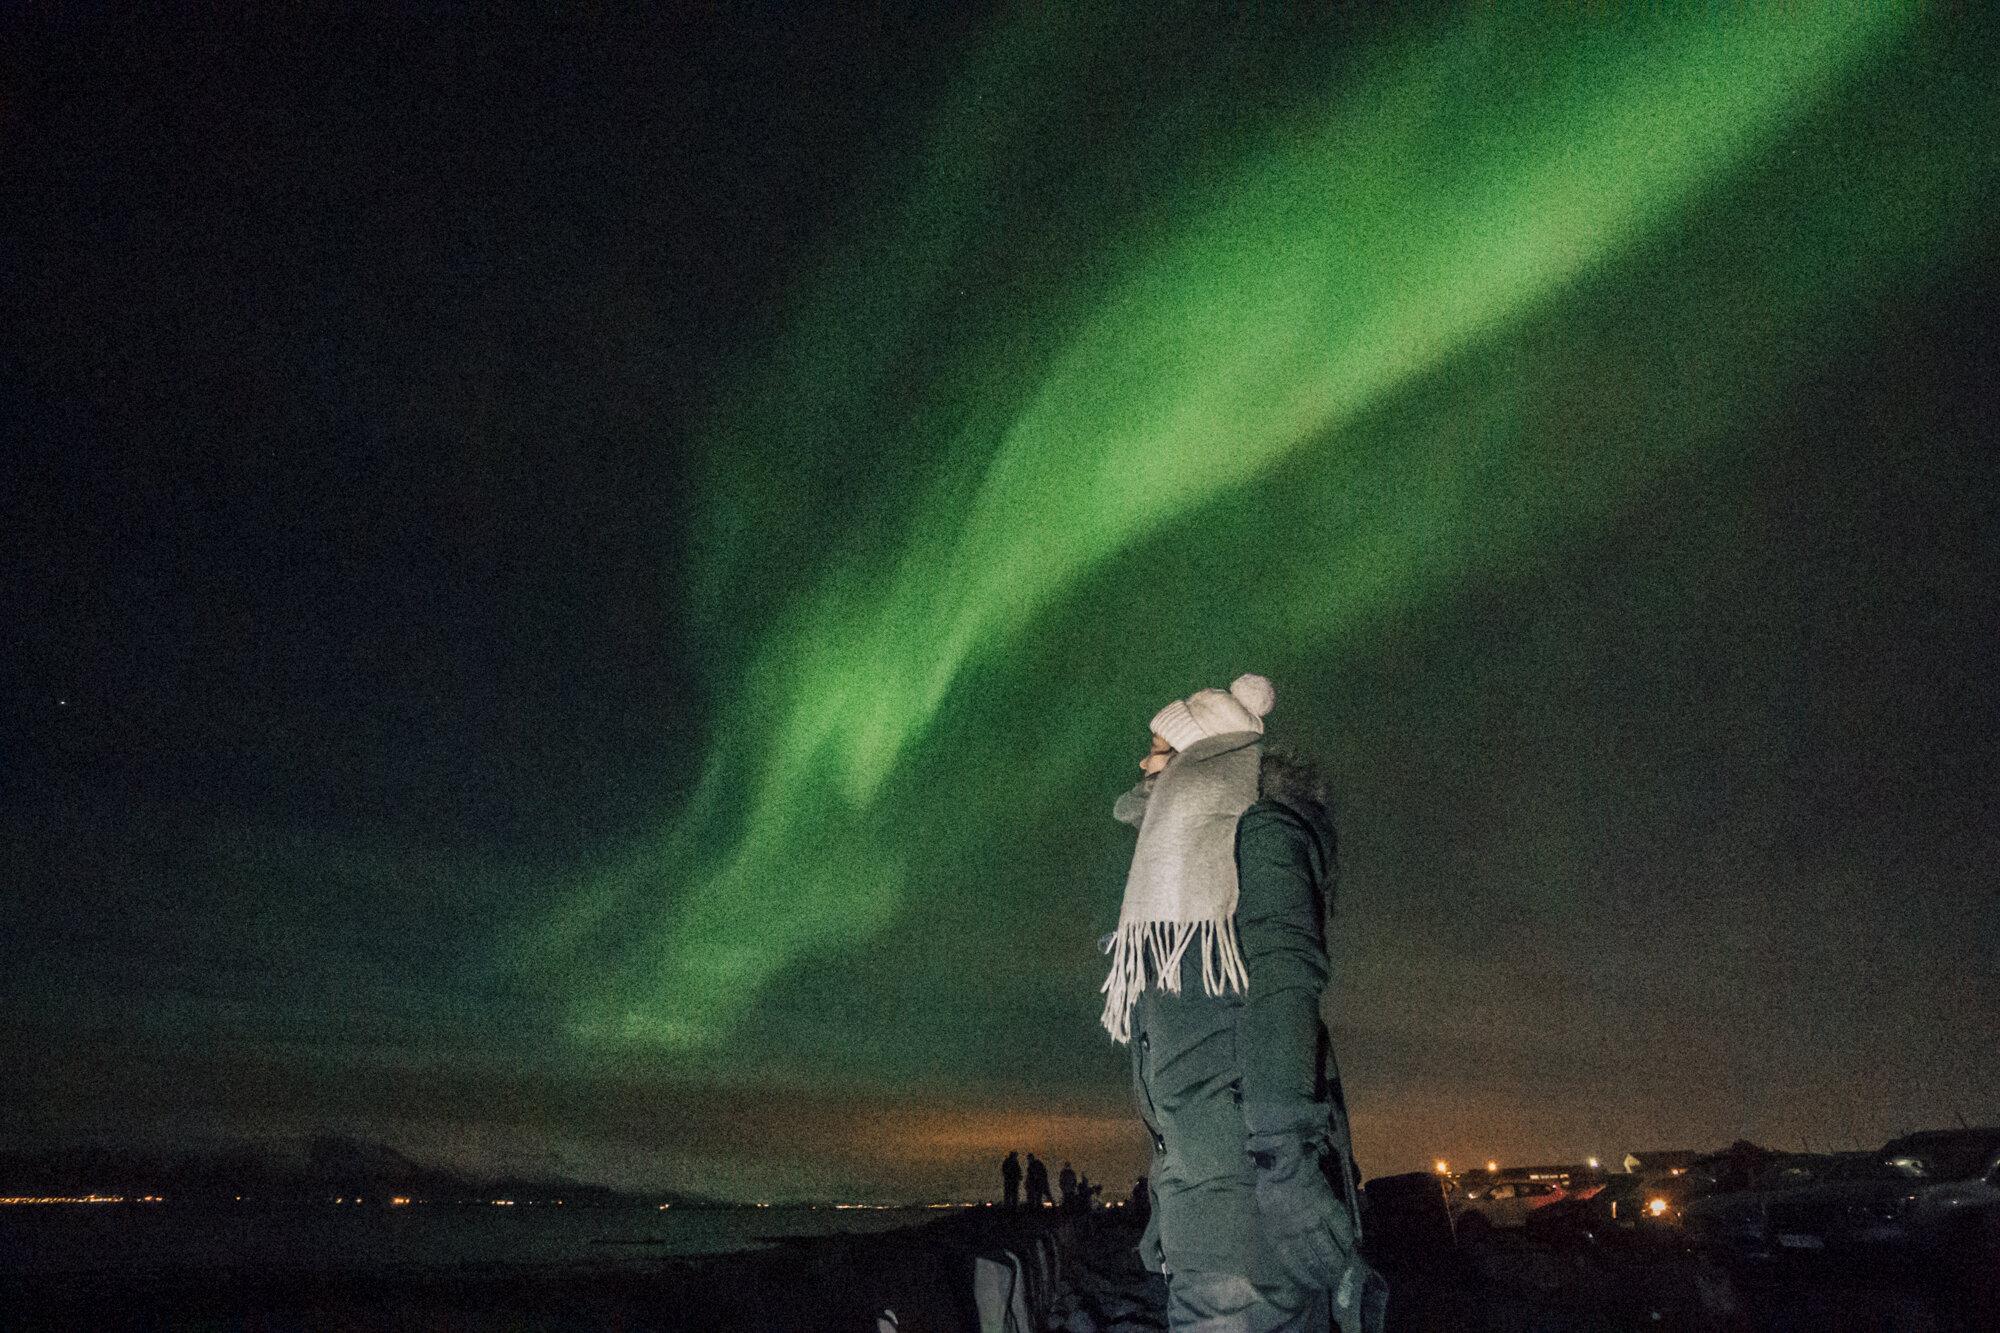 冰岛雷克雅未克,穿着冬衣的女孩站在明亮的绿色北极光下